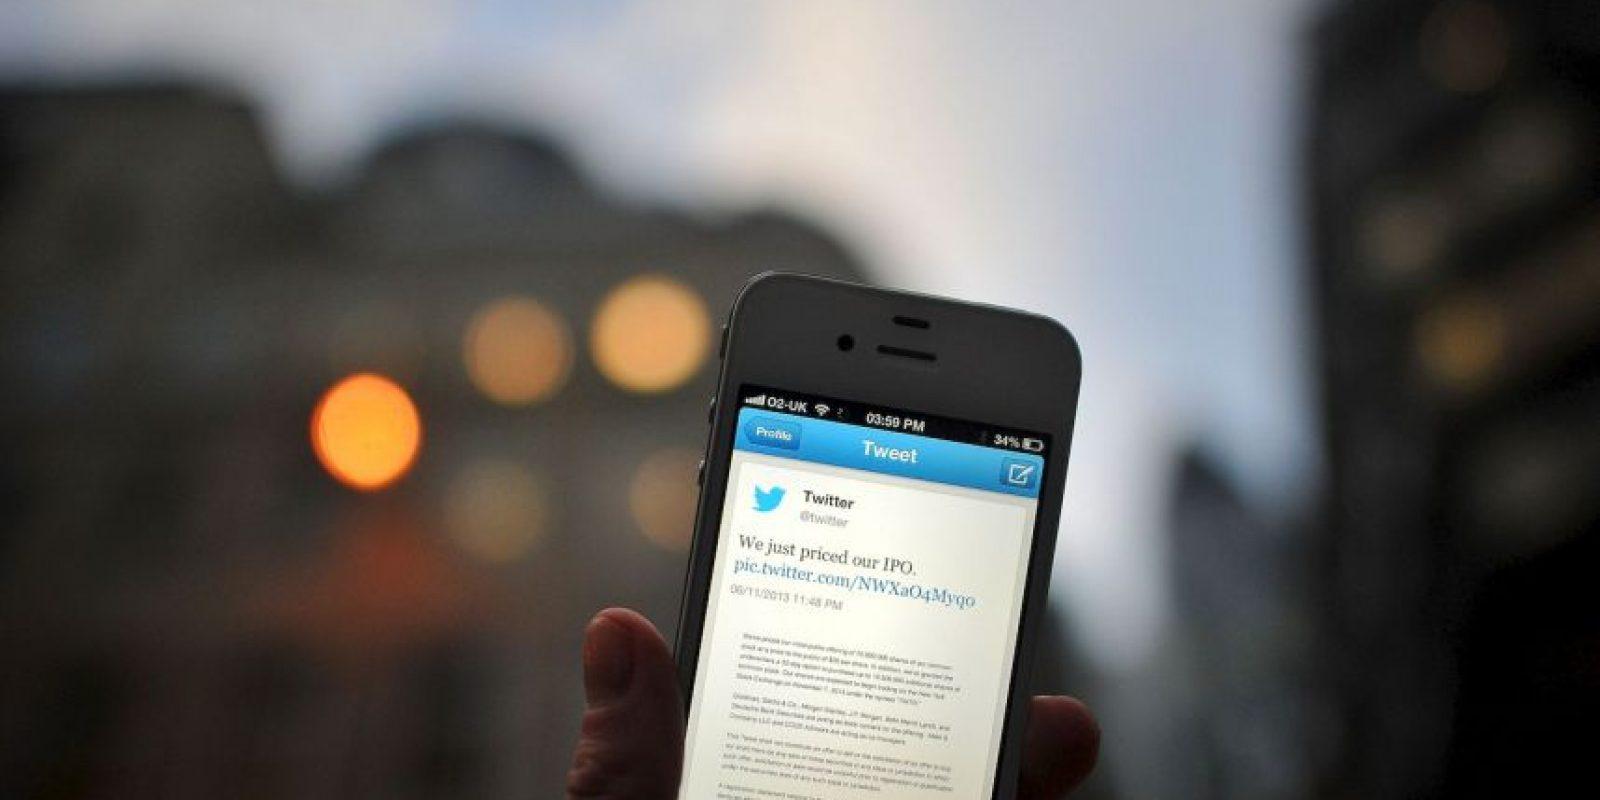 El uso de Twitter como una ventana al estado mental colectivo de una comunidad puede proporcionar una herramienta útil en la epidemiología y para medir la efectividad de las intervenciones de salud pública. Foto:Getty Images